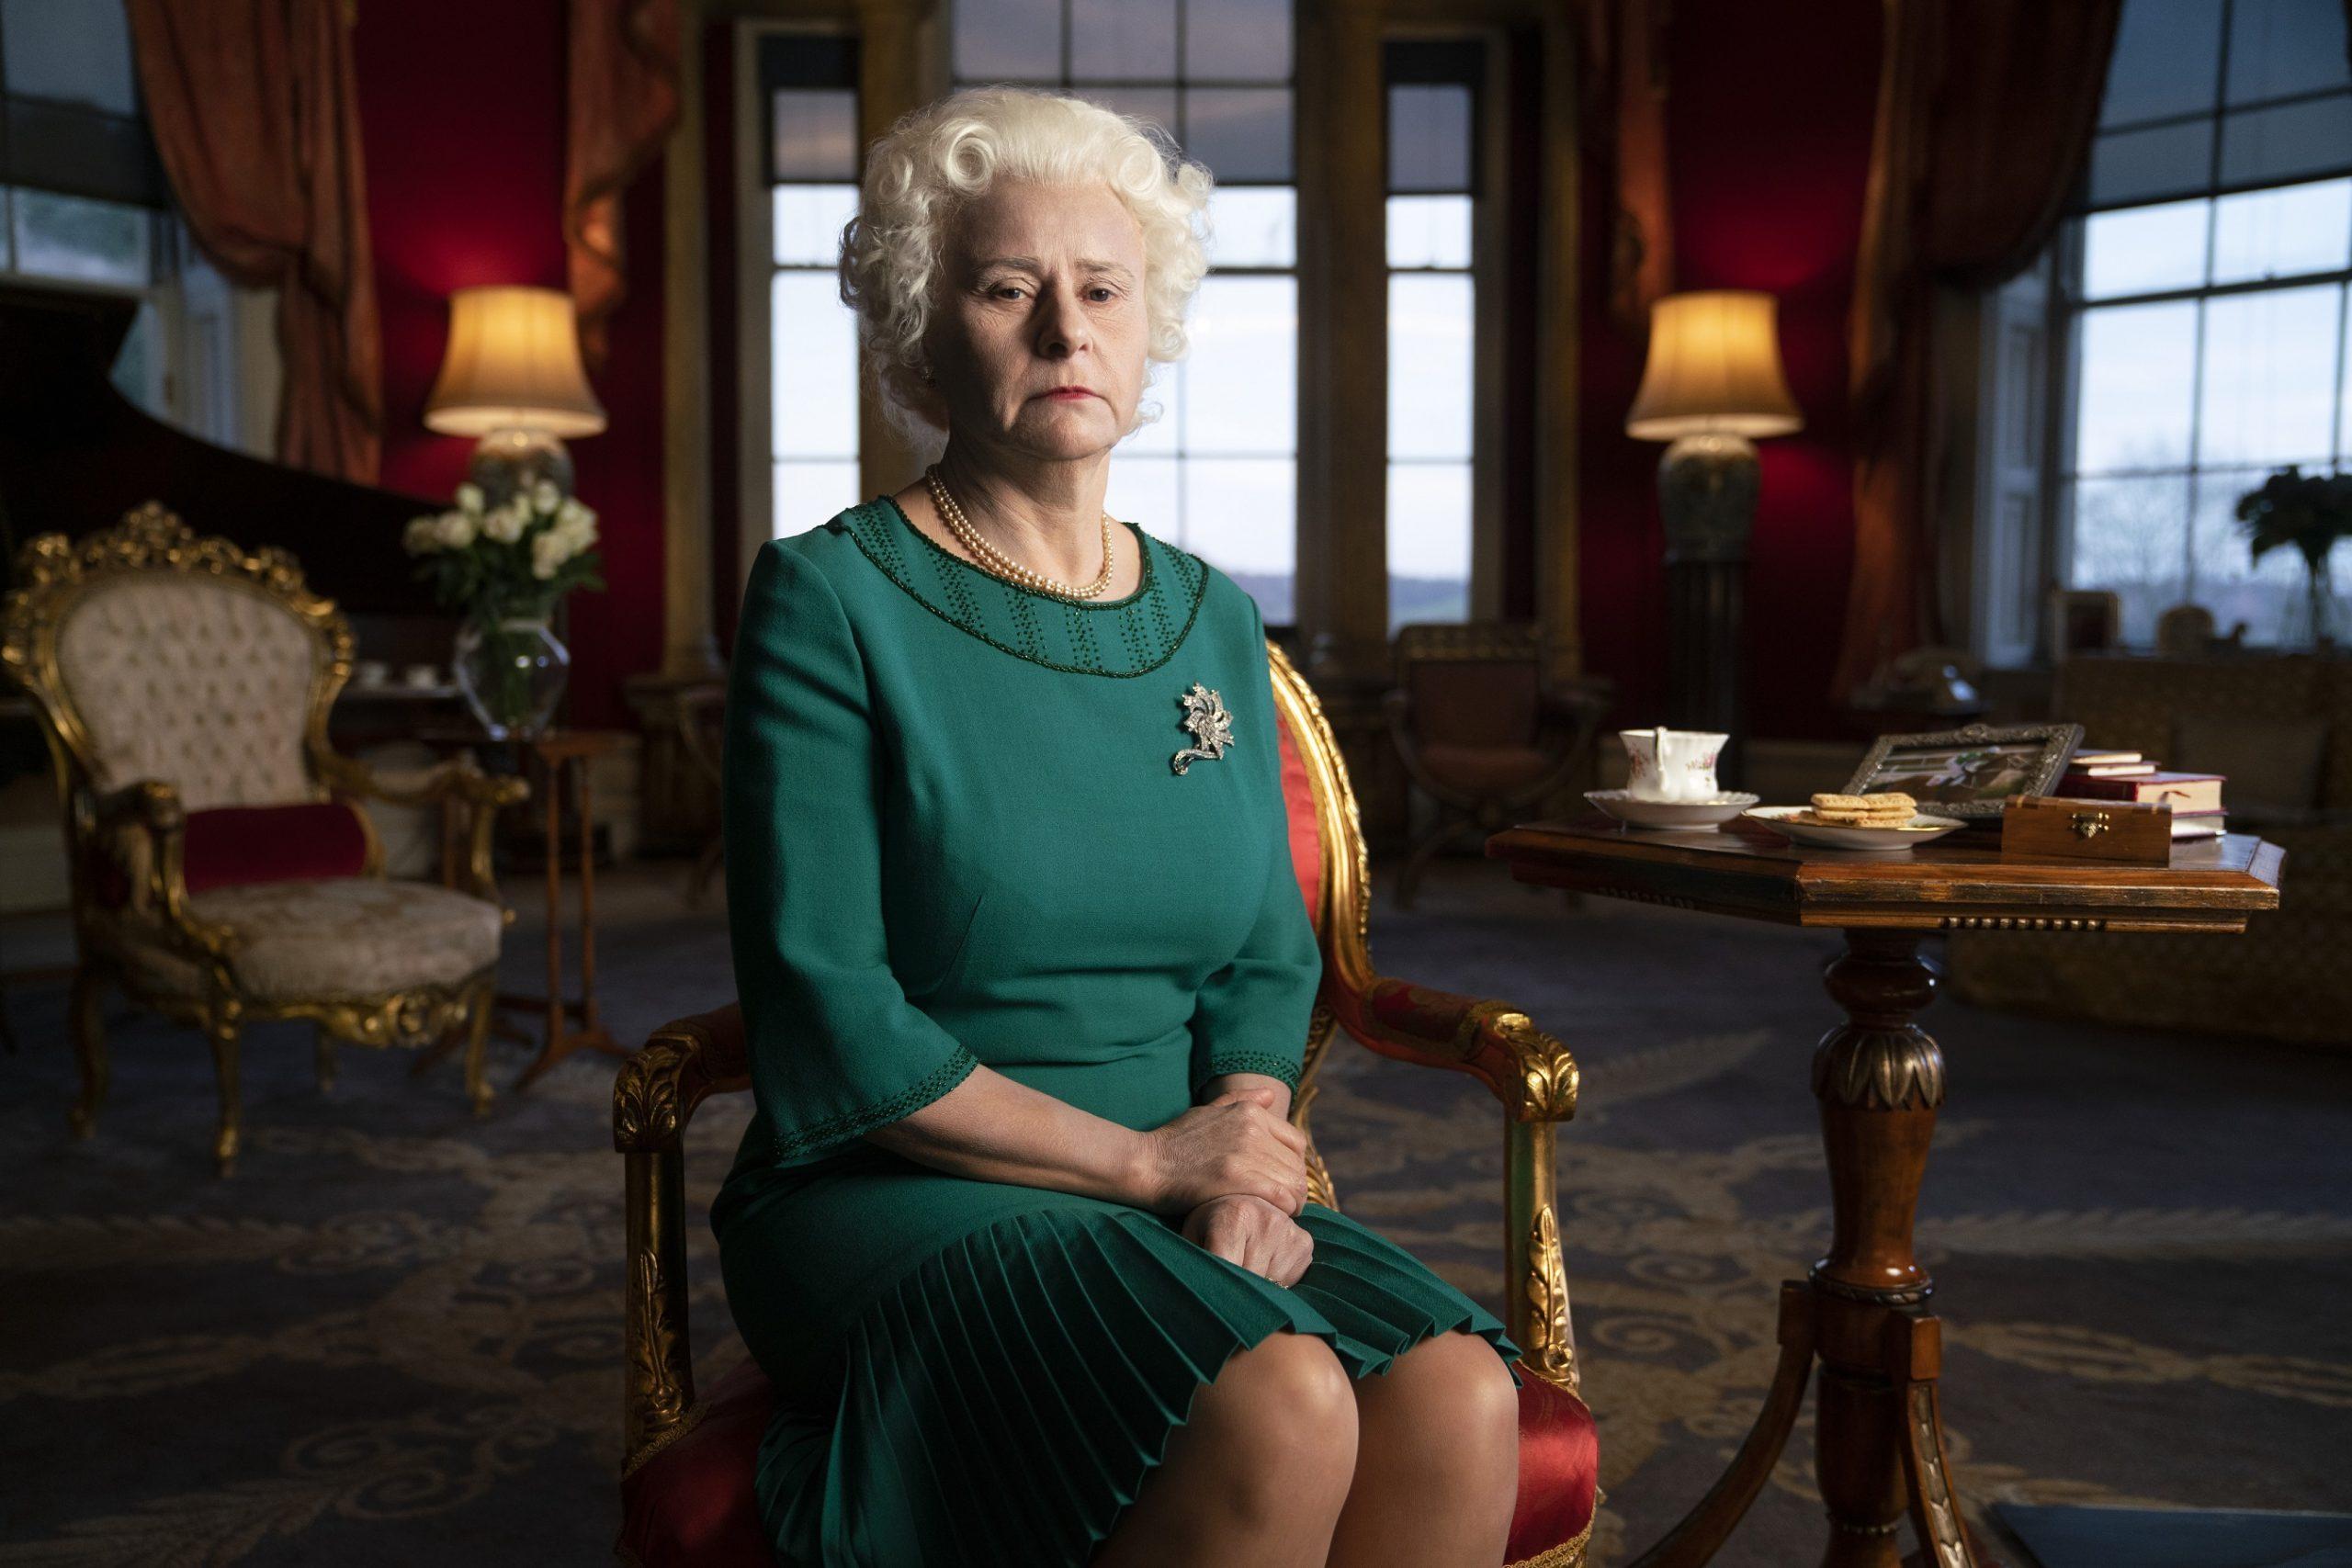 Tracey Ullman interpreta uma versão da rainha Elizabeth, uma mulher branca e idosa, de cabelos brancos e vestido verde. Ela está sentada numa cadeira dourada e vermelha e olha para a câmera com cara de nada. Ao fundo, vemos abajures, cadeiras e janelas